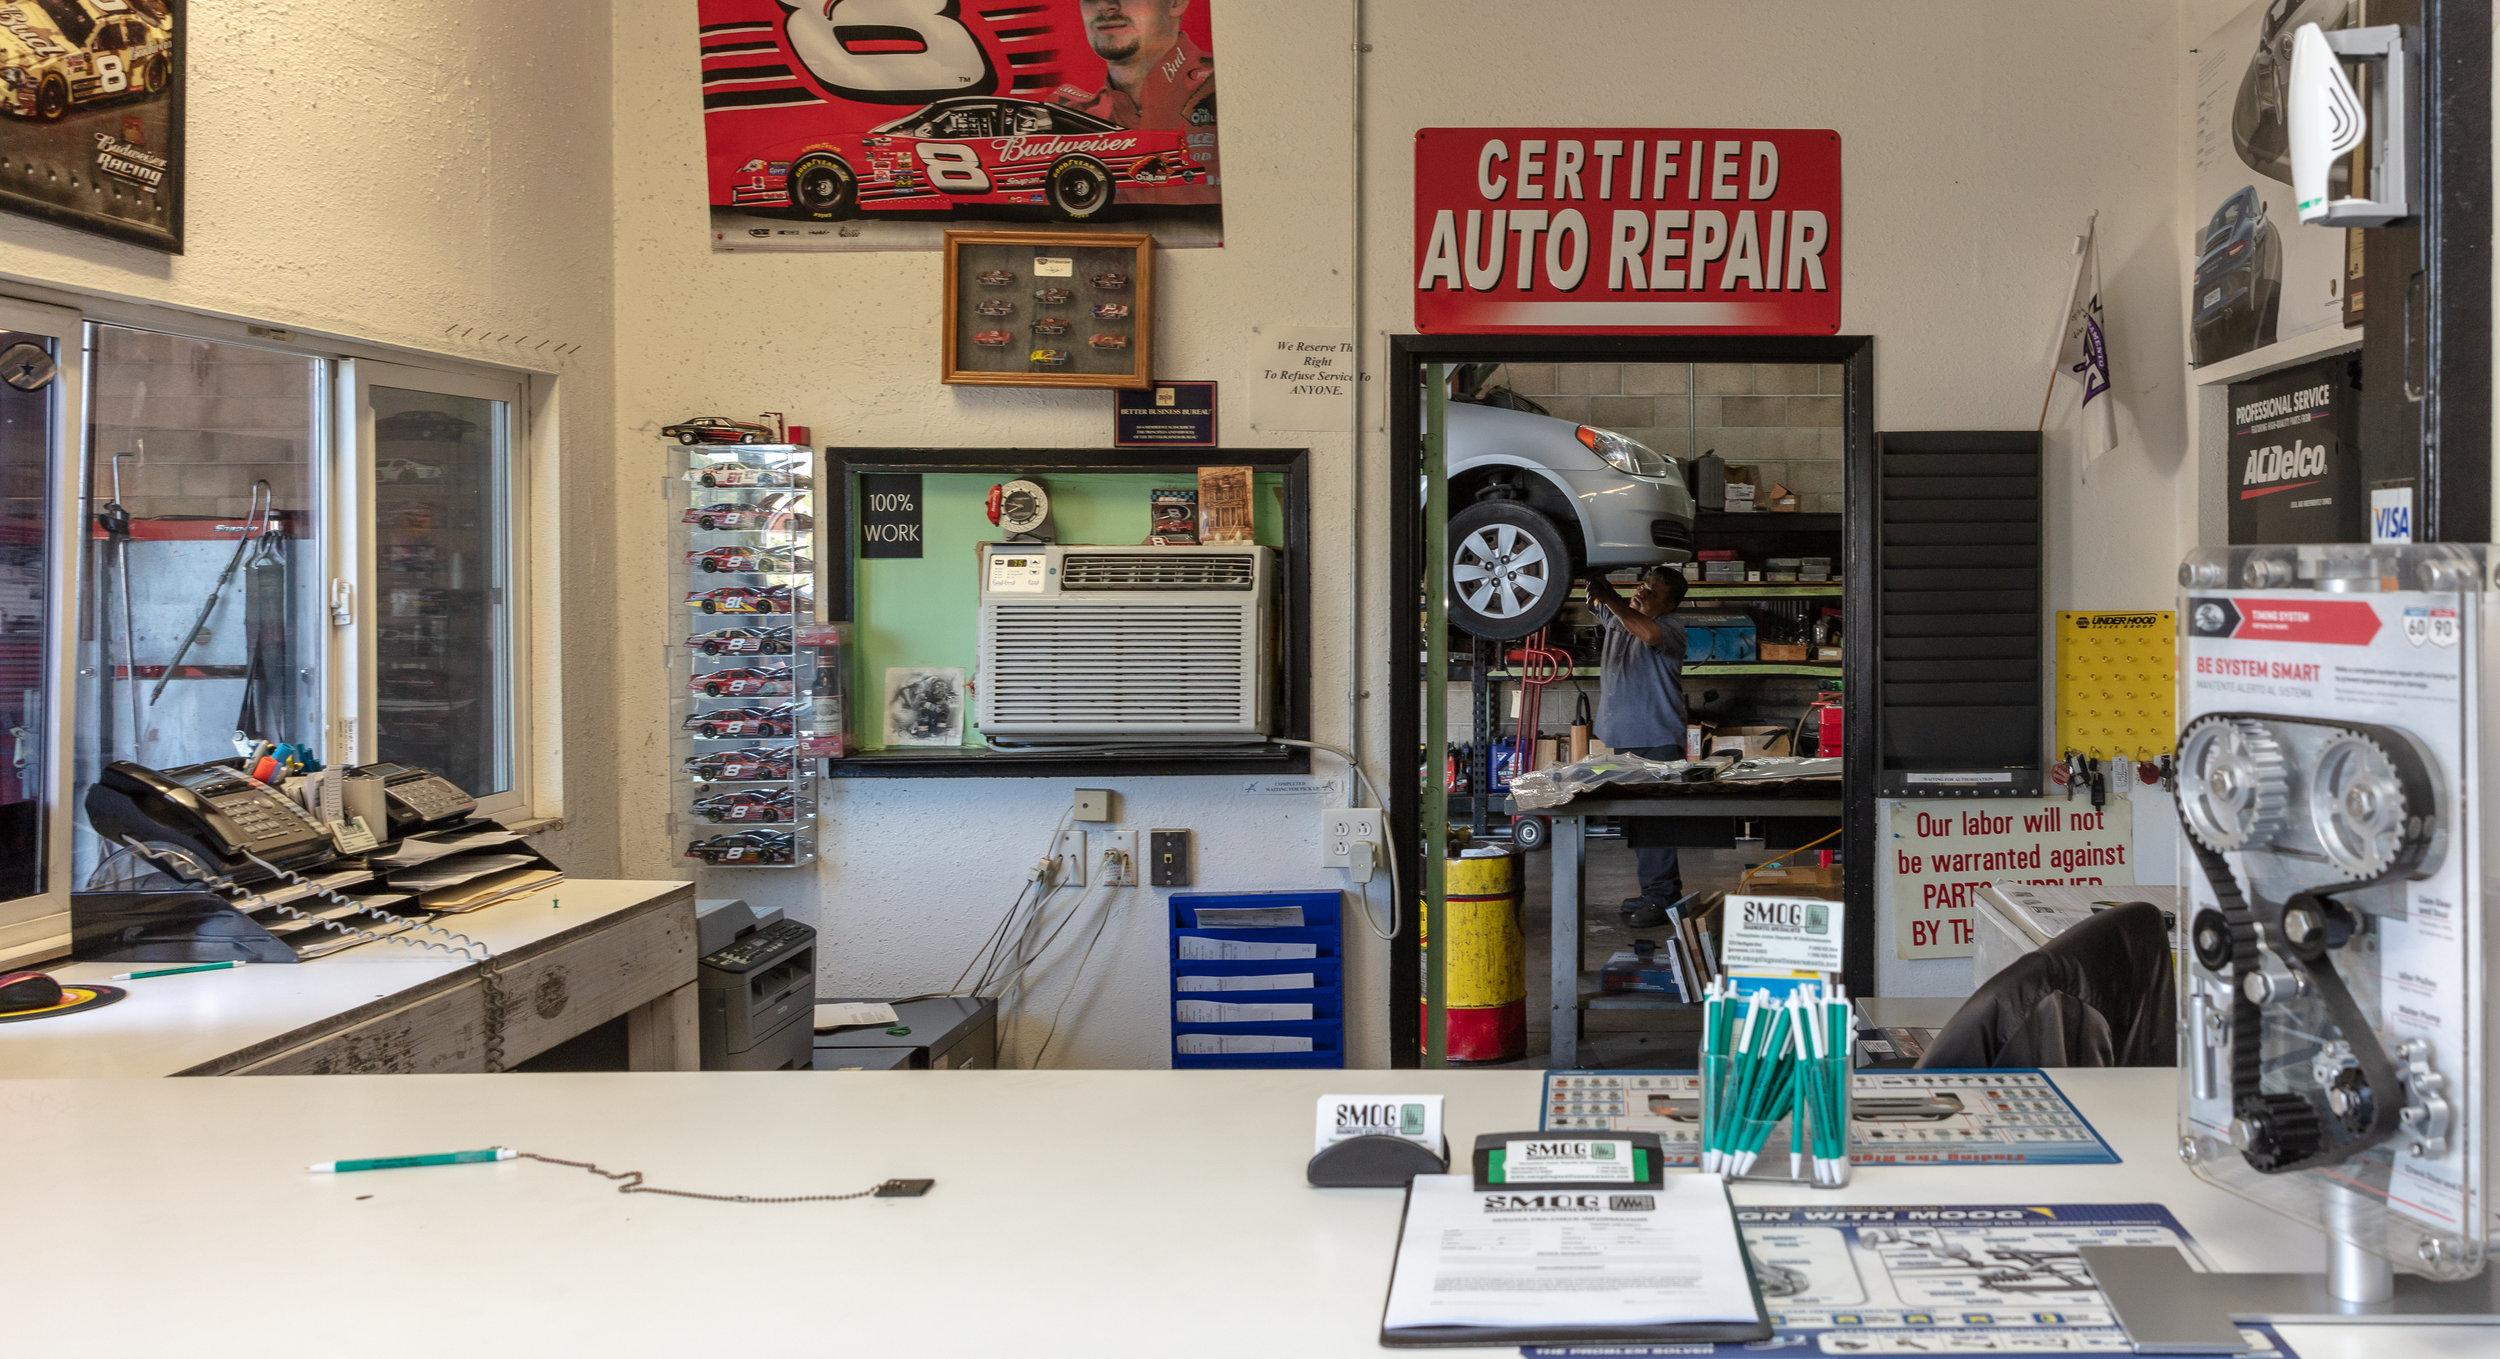 SMOG-Diagnostic-Specialists-Auto-Repair-And-Maintenance-Northgate-Blvd-Sacramento-CA-0022.jpg